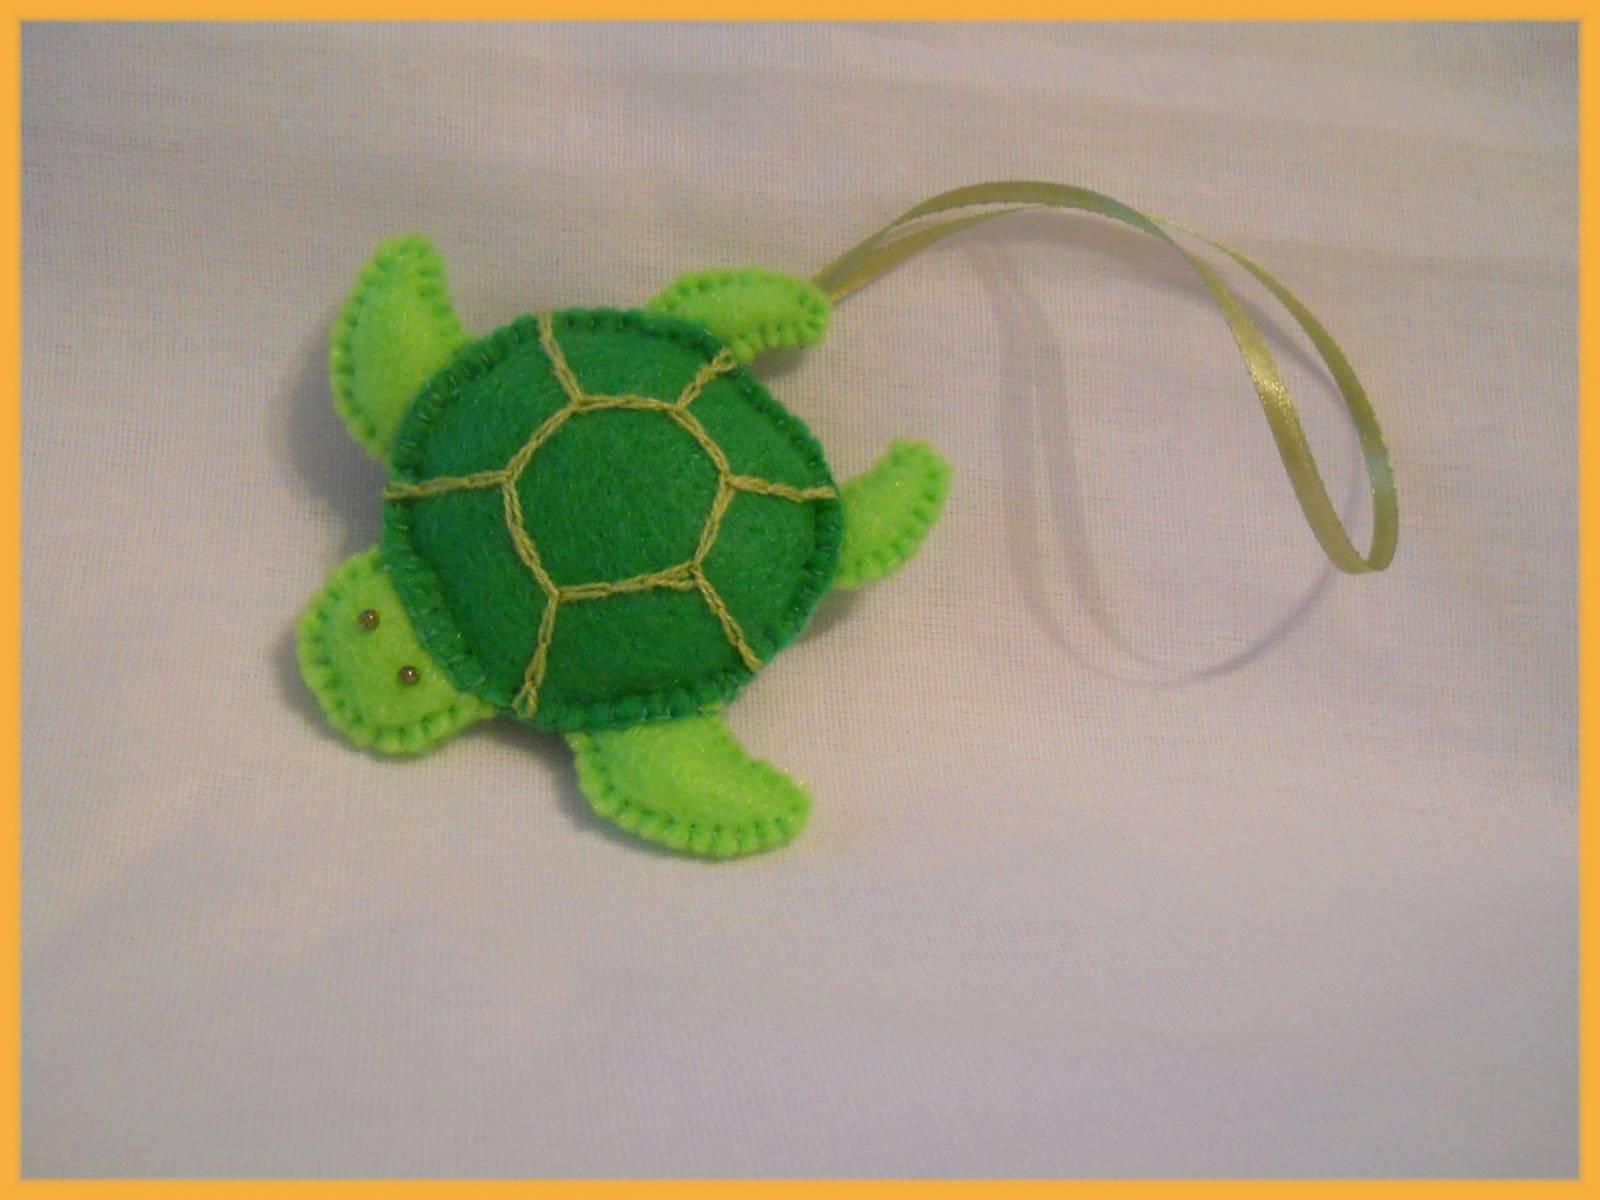 Как сделать черепаху своими руками для сада из цемента 49